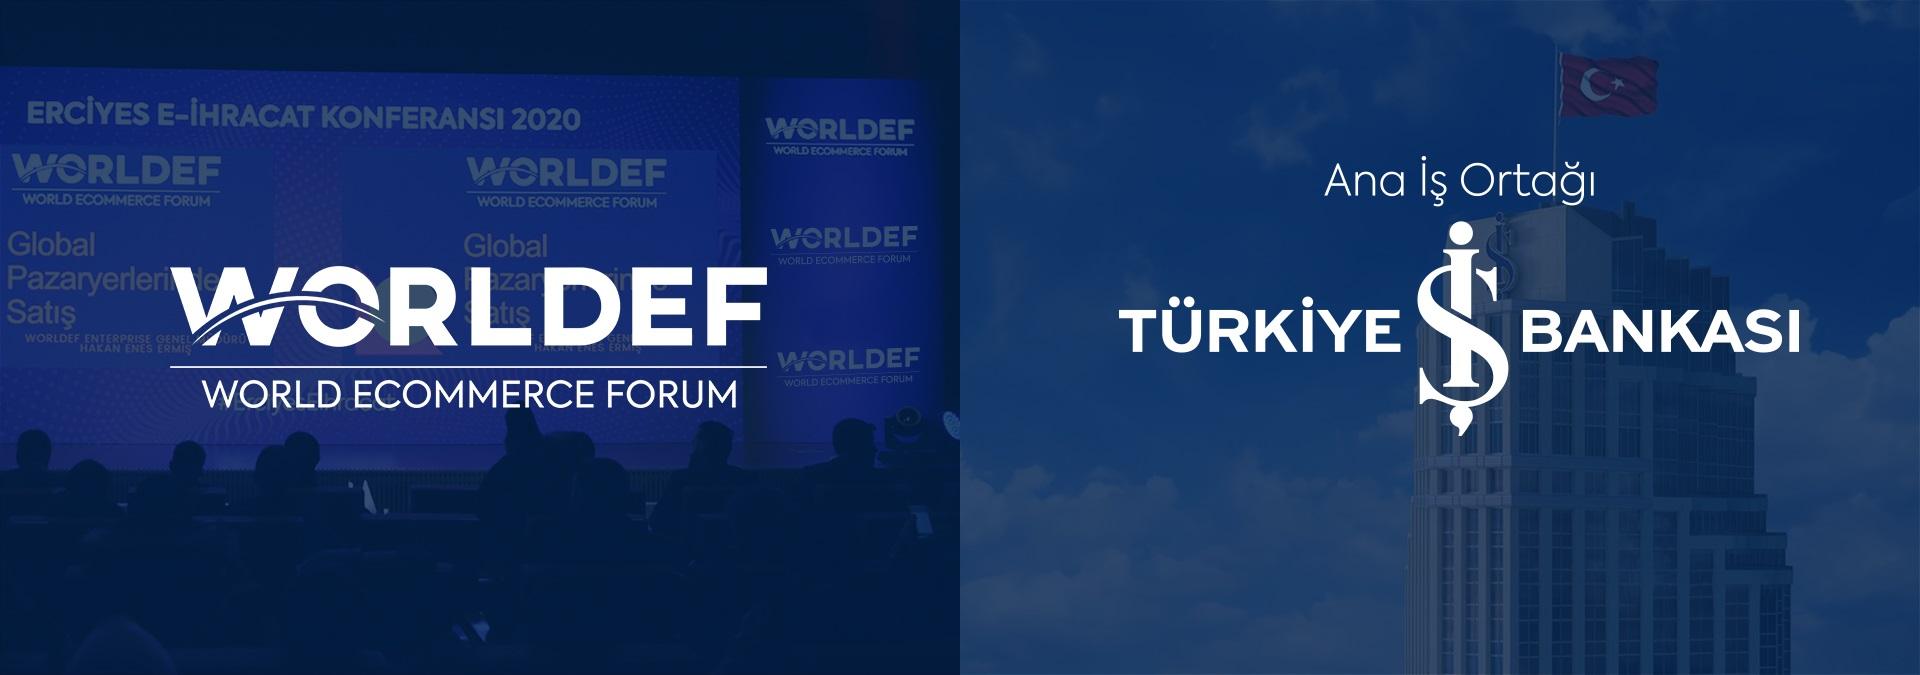 Türkiye İş Bankası, Türkiye'nin ilk ve tek e-ihracat platformu olan WORLDEF'in ana iş ortağı oldu.